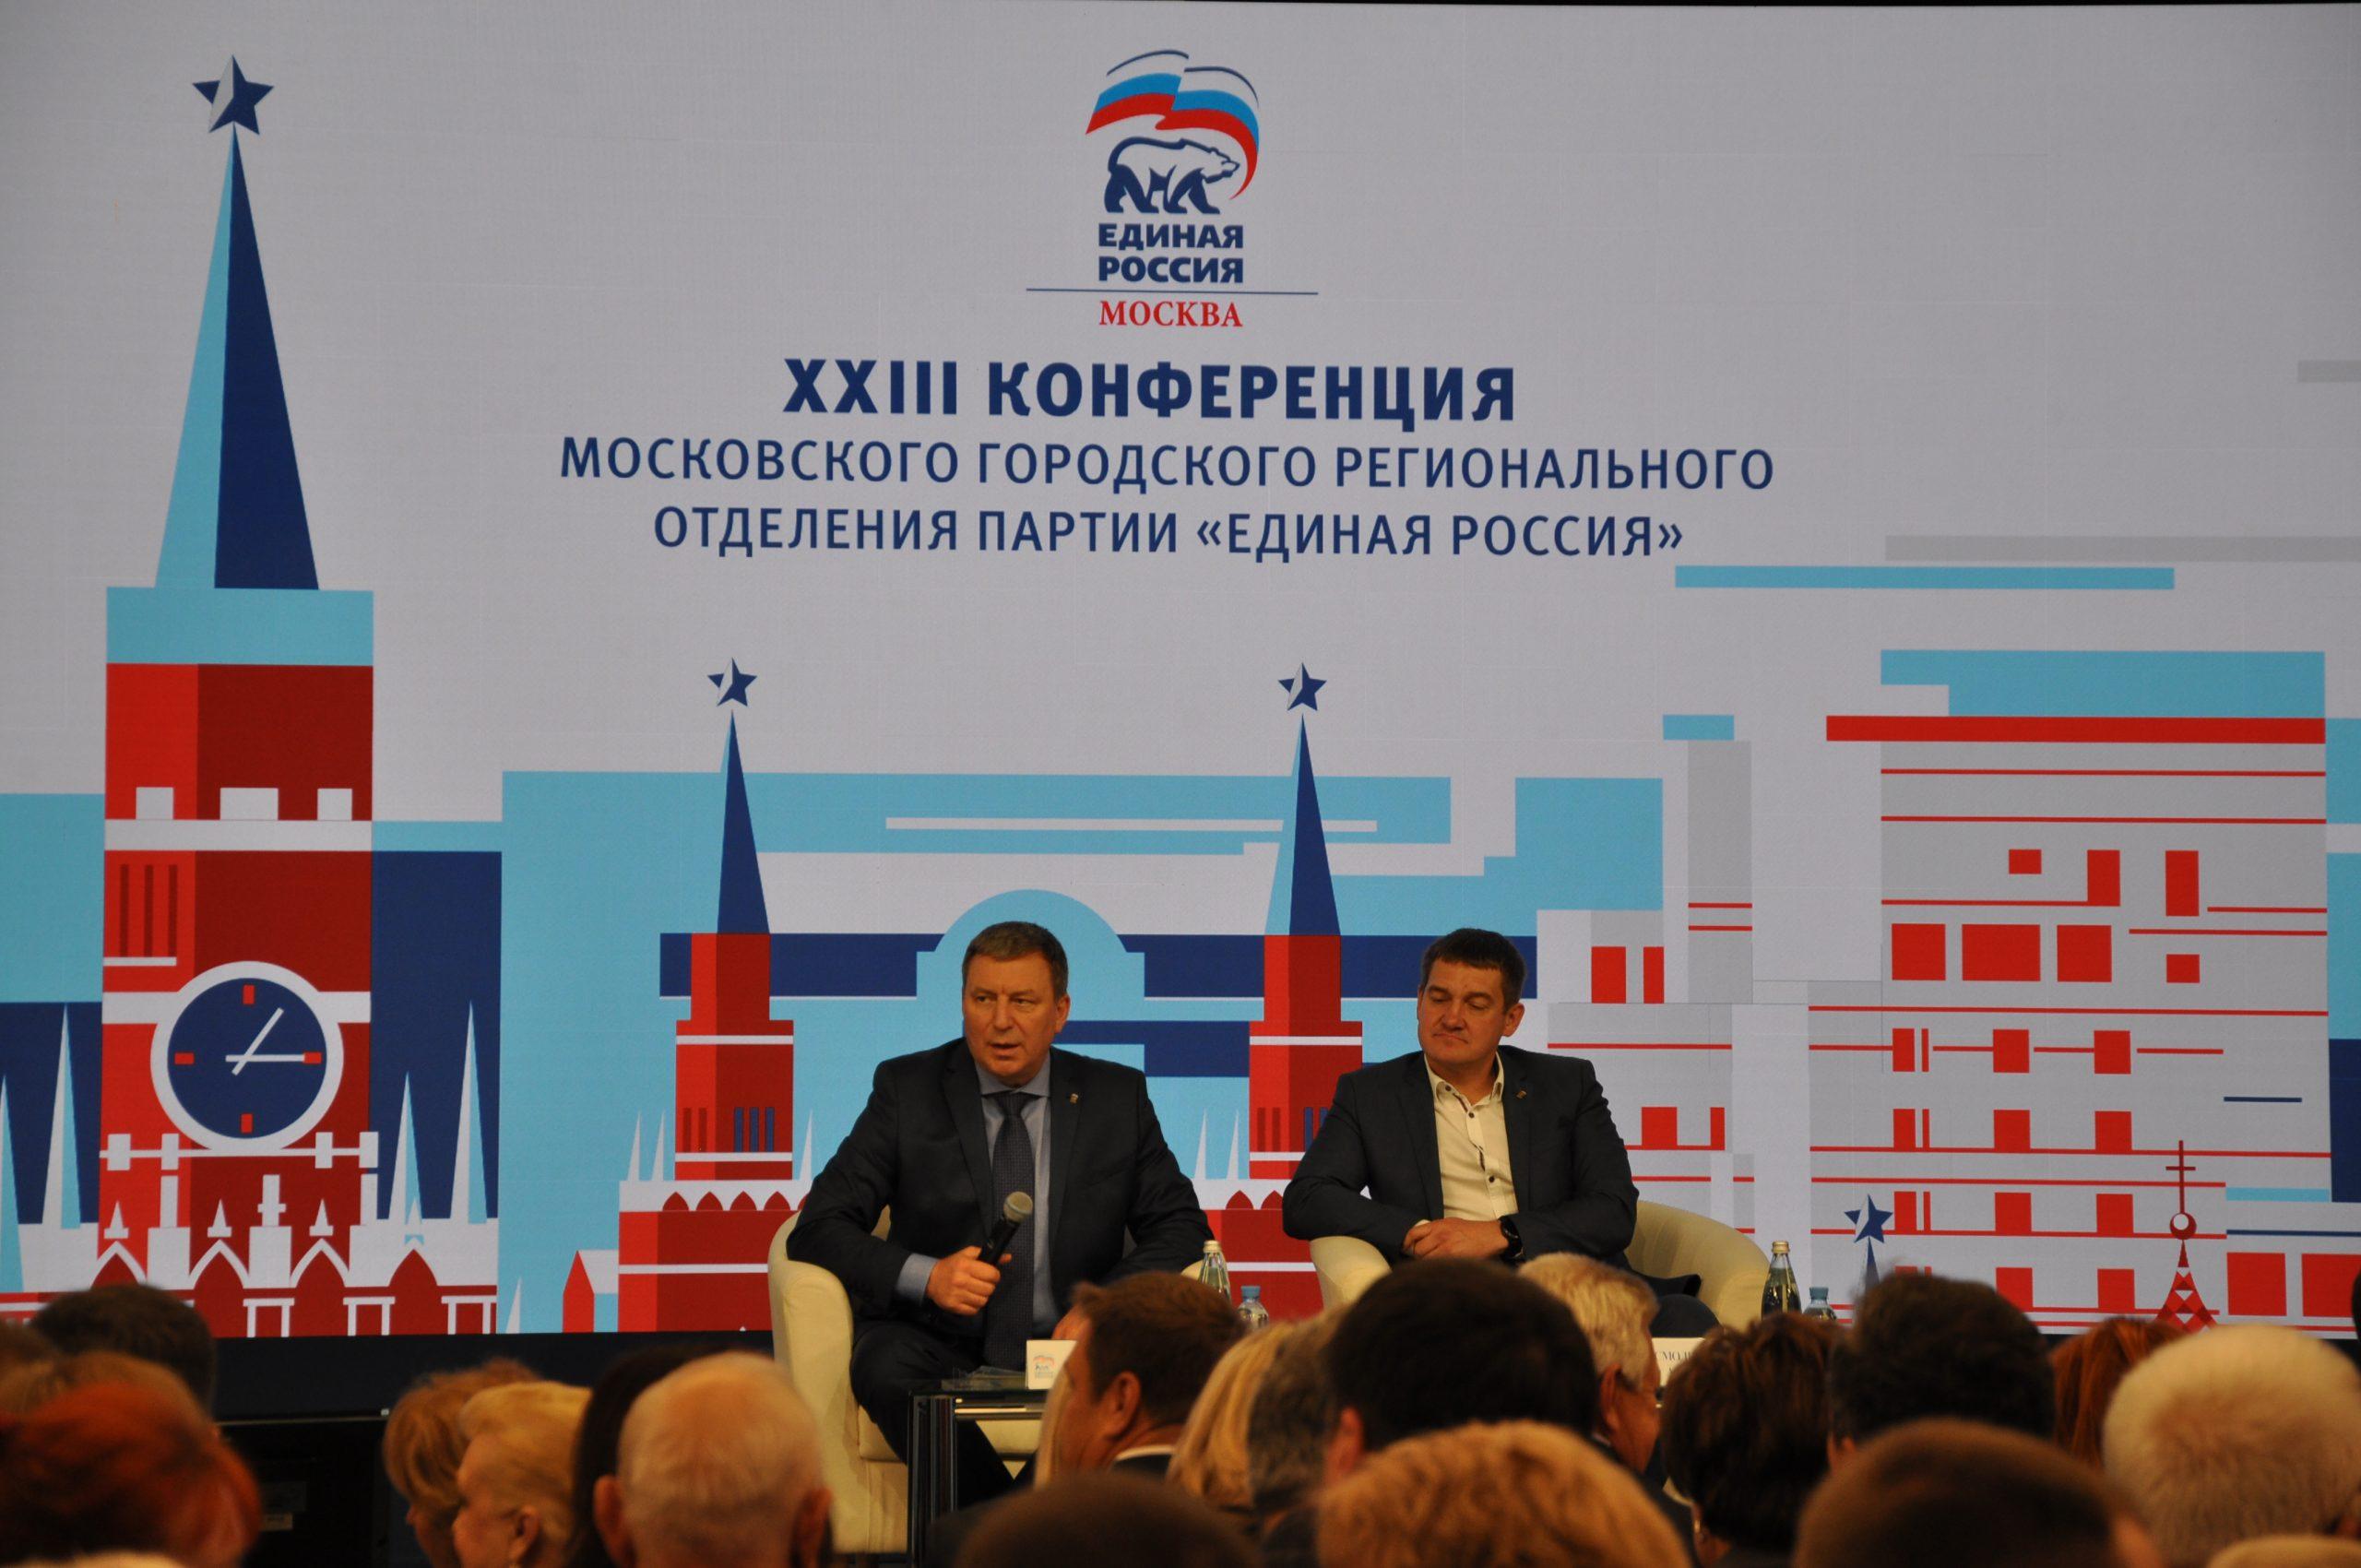 Партия «Единая Россия» проведет широкое обсуждение предвыборной программы с жителями регионов и экспертами